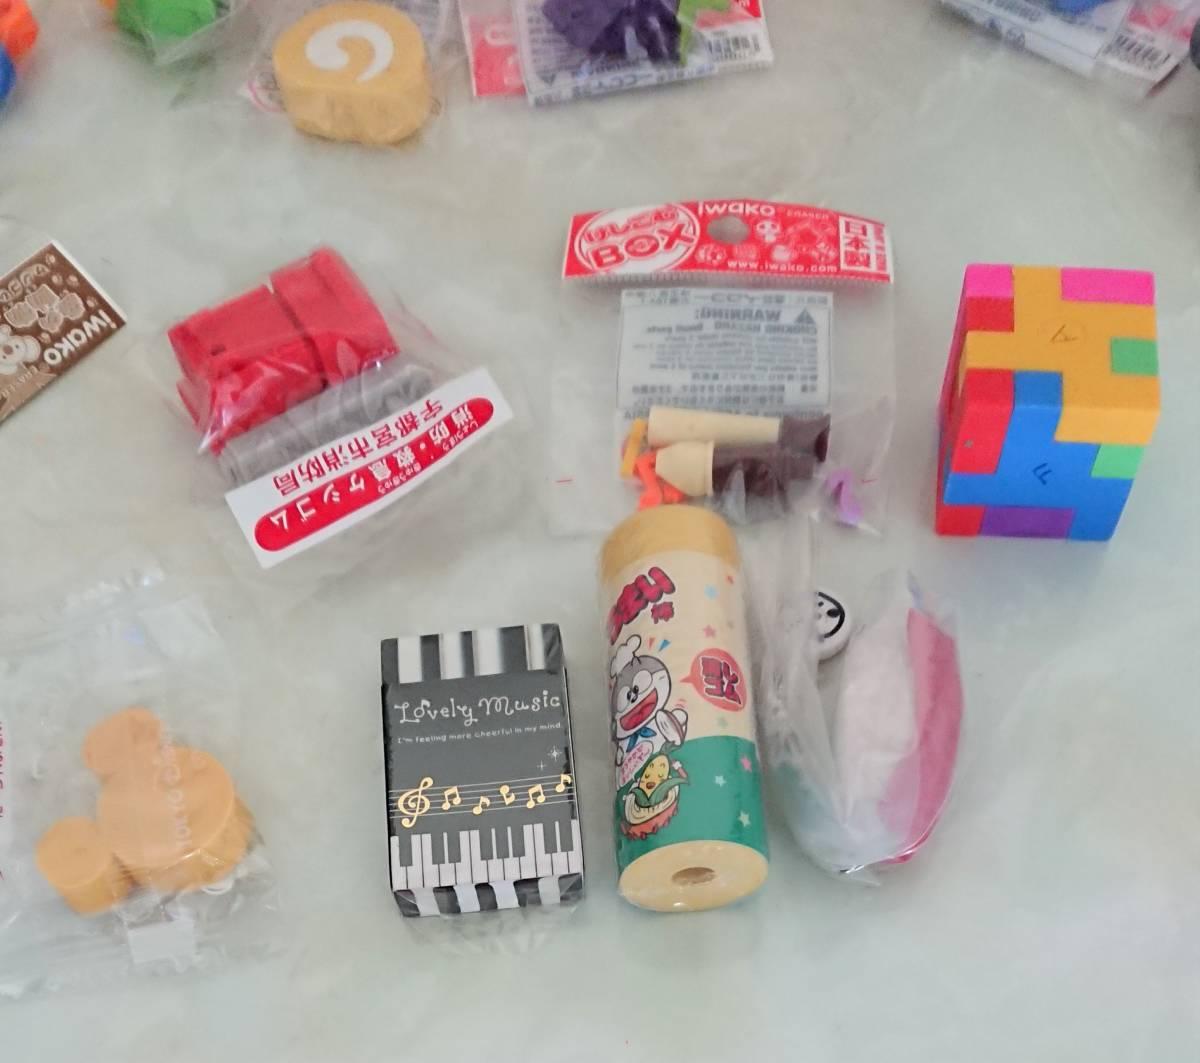 ★消しゴム類まとめてセット けしごむBOX フードサンプル系 うまい棒 等20点~_OPPフィルムに剥がれ。袋なしのものあり